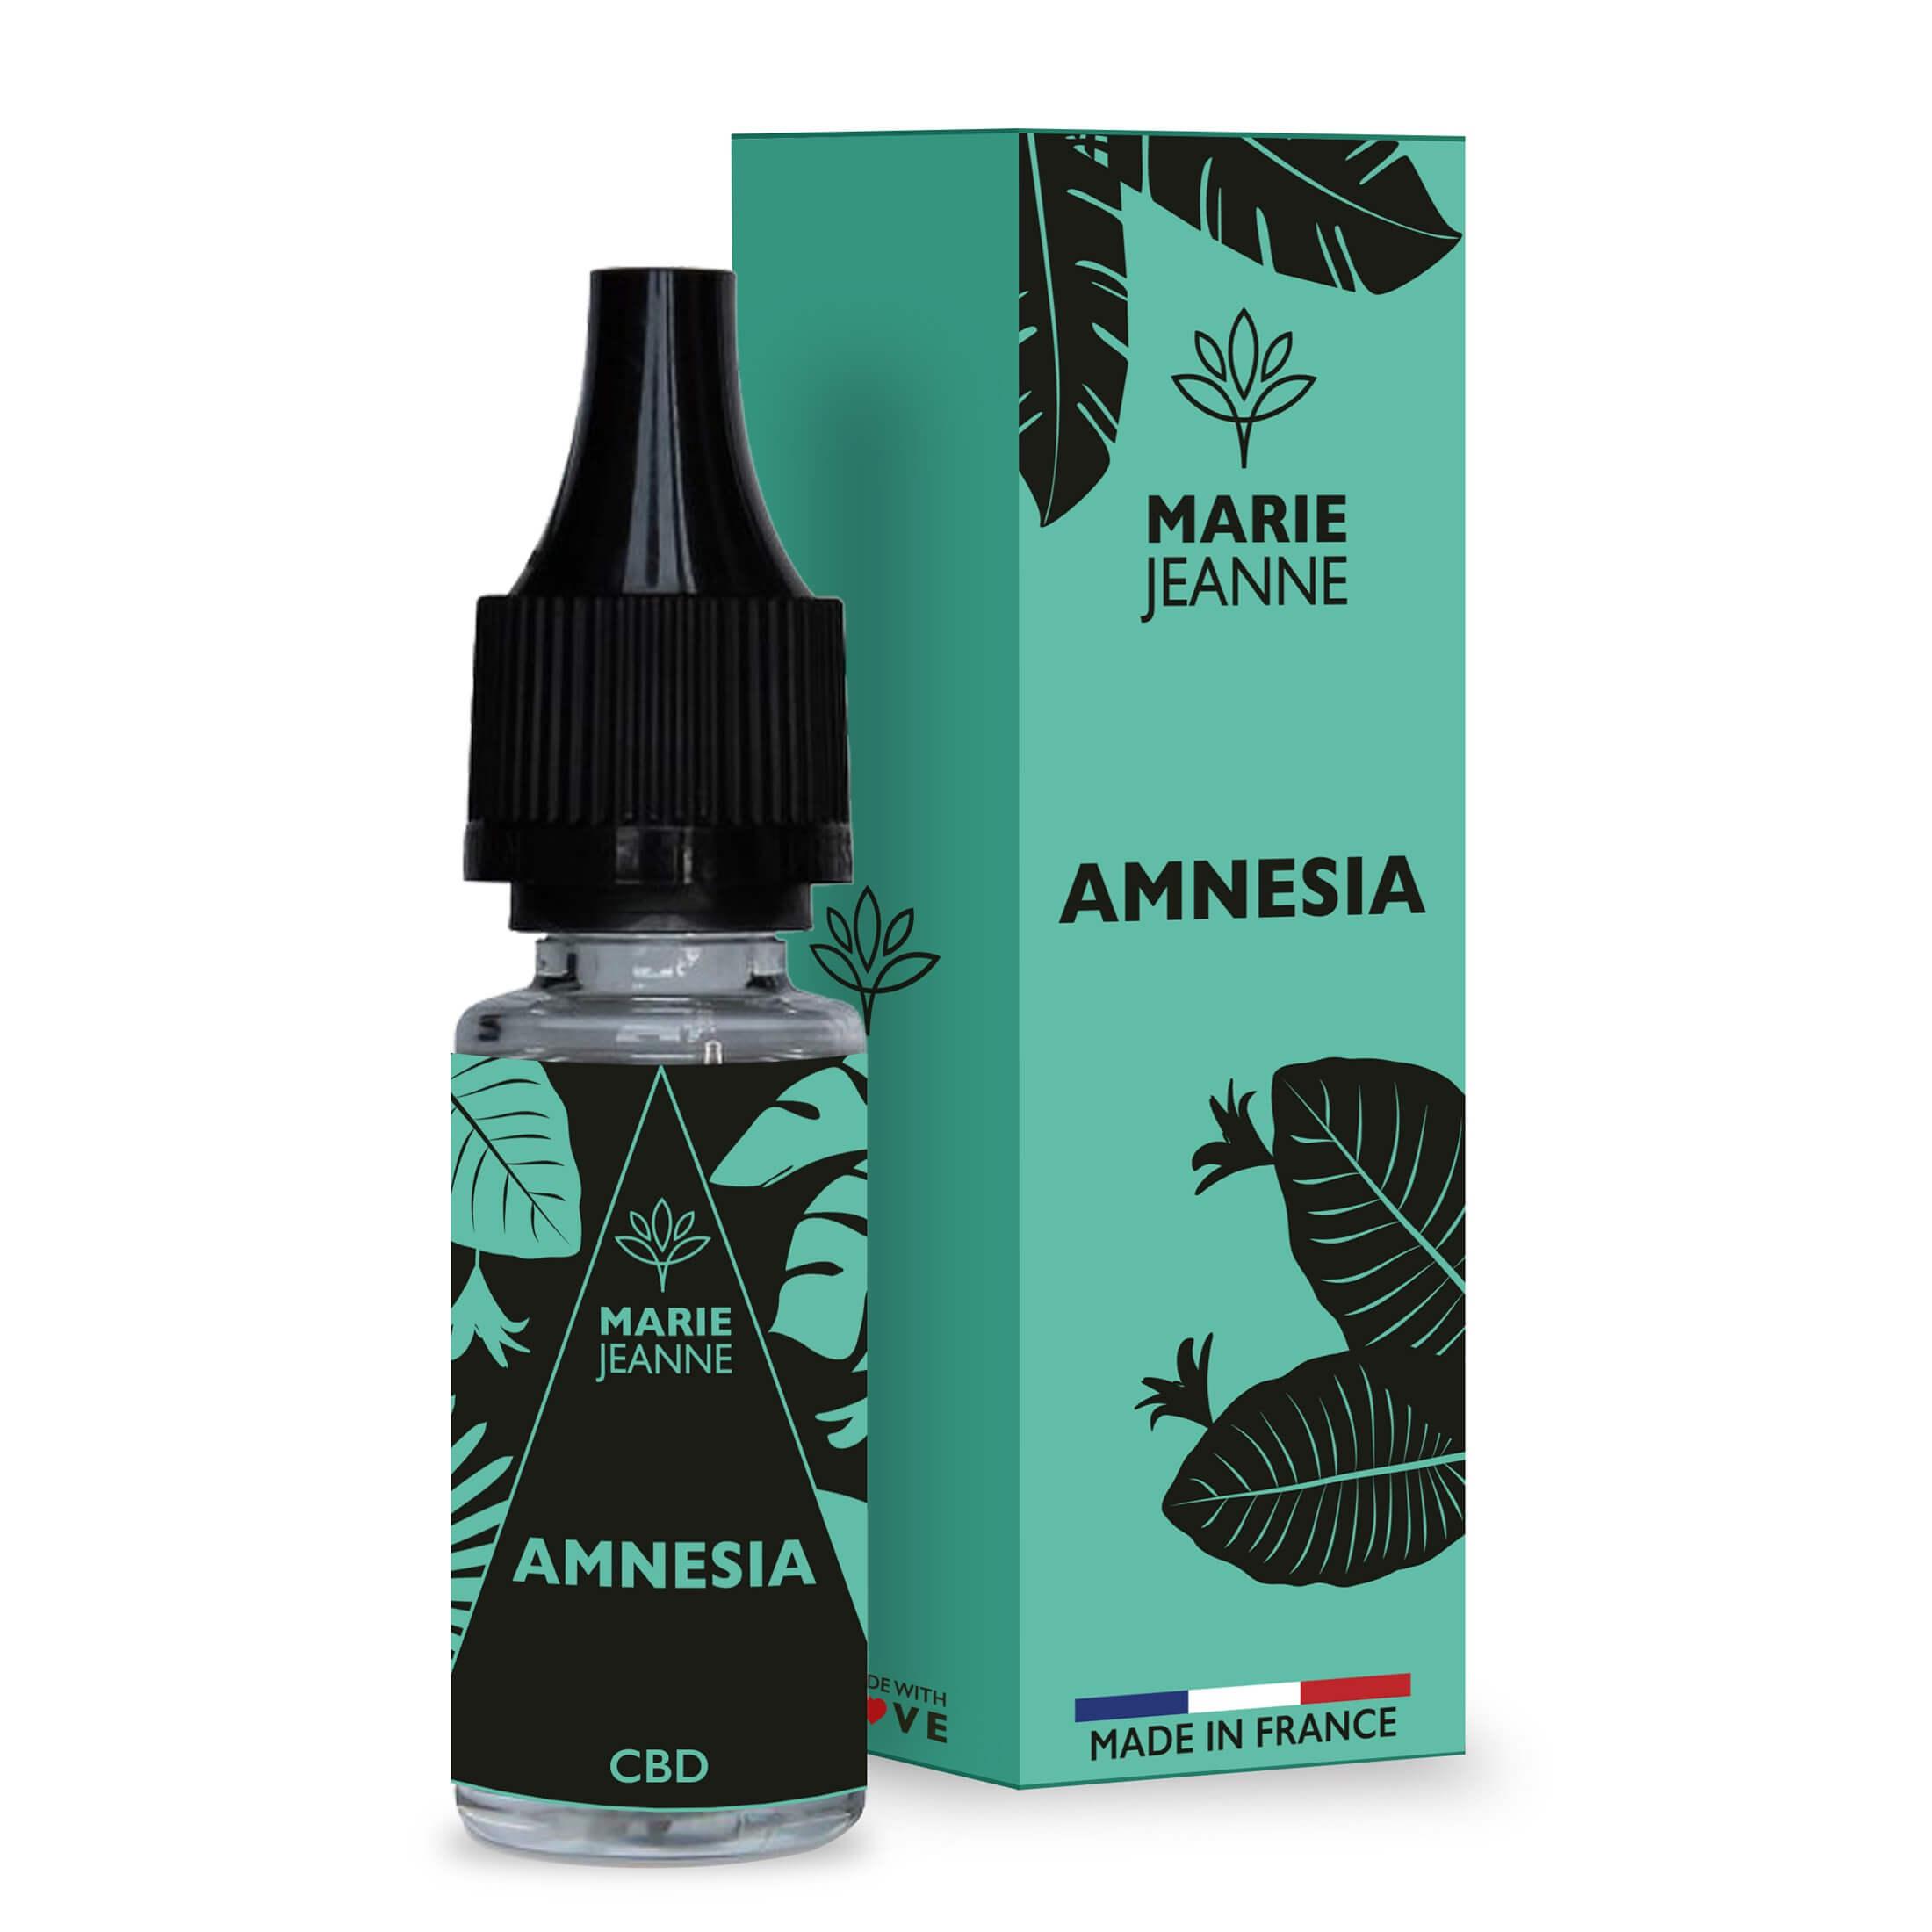 Amnesia CBD Marie Jeanne